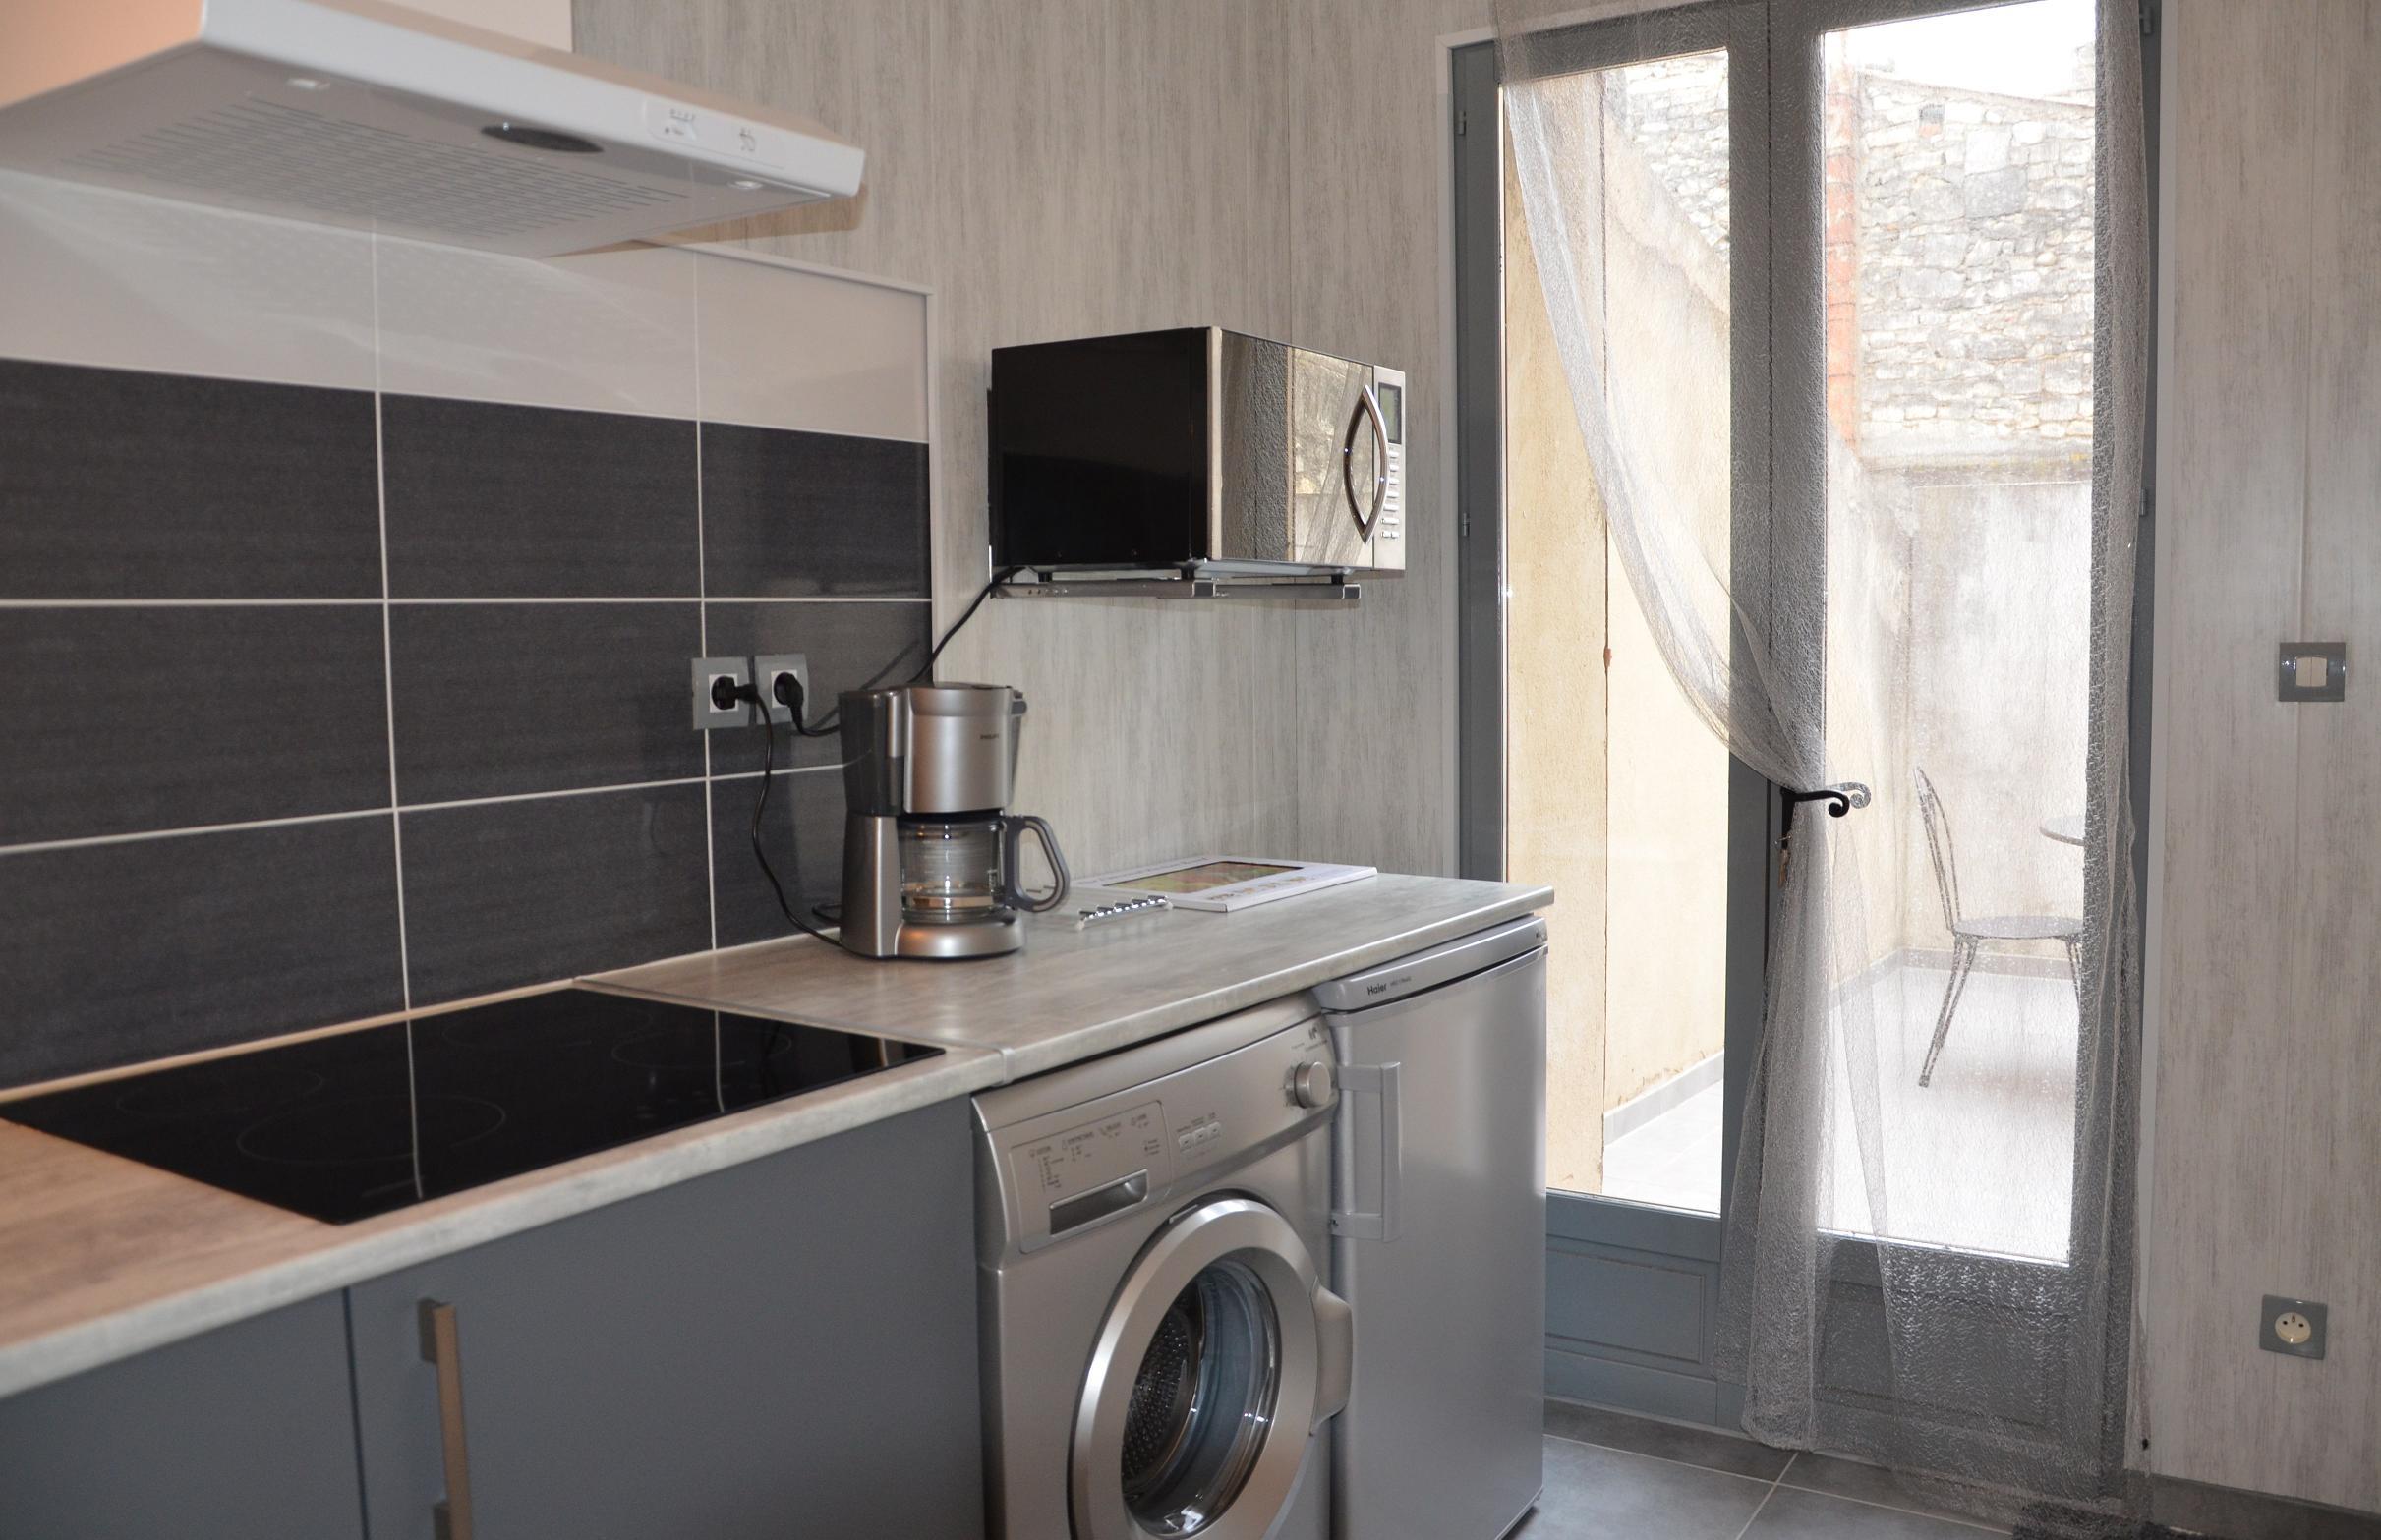 Cuisine Equipee Pour Studio : Studio romantique mireille la maison d olivier